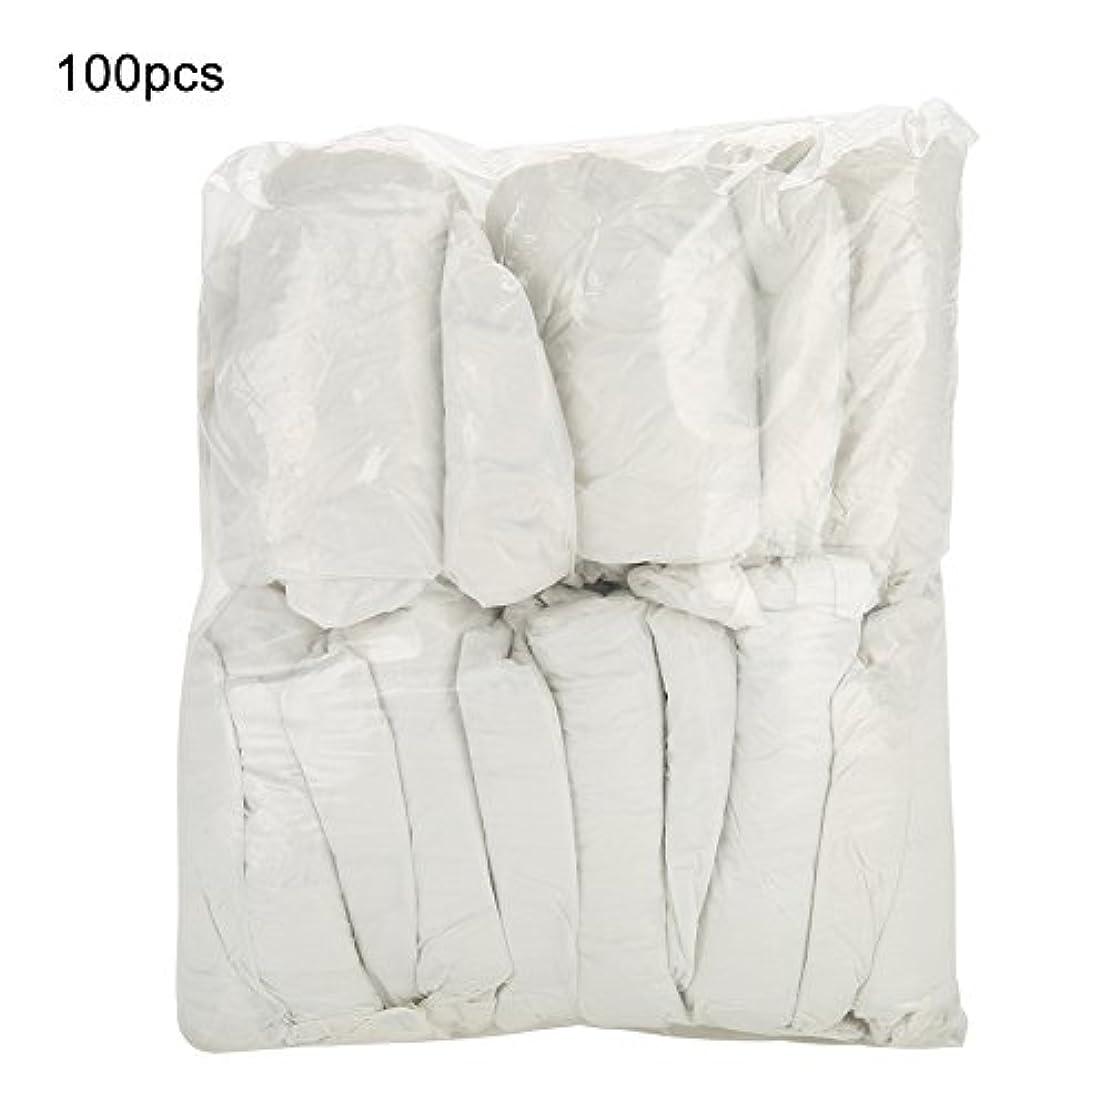 ジム振るのみSemme 100pcs / bag使い捨てPlasticTattooスリーブ、滅菌タトゥーアームスリーブスリーブレットカバー保護